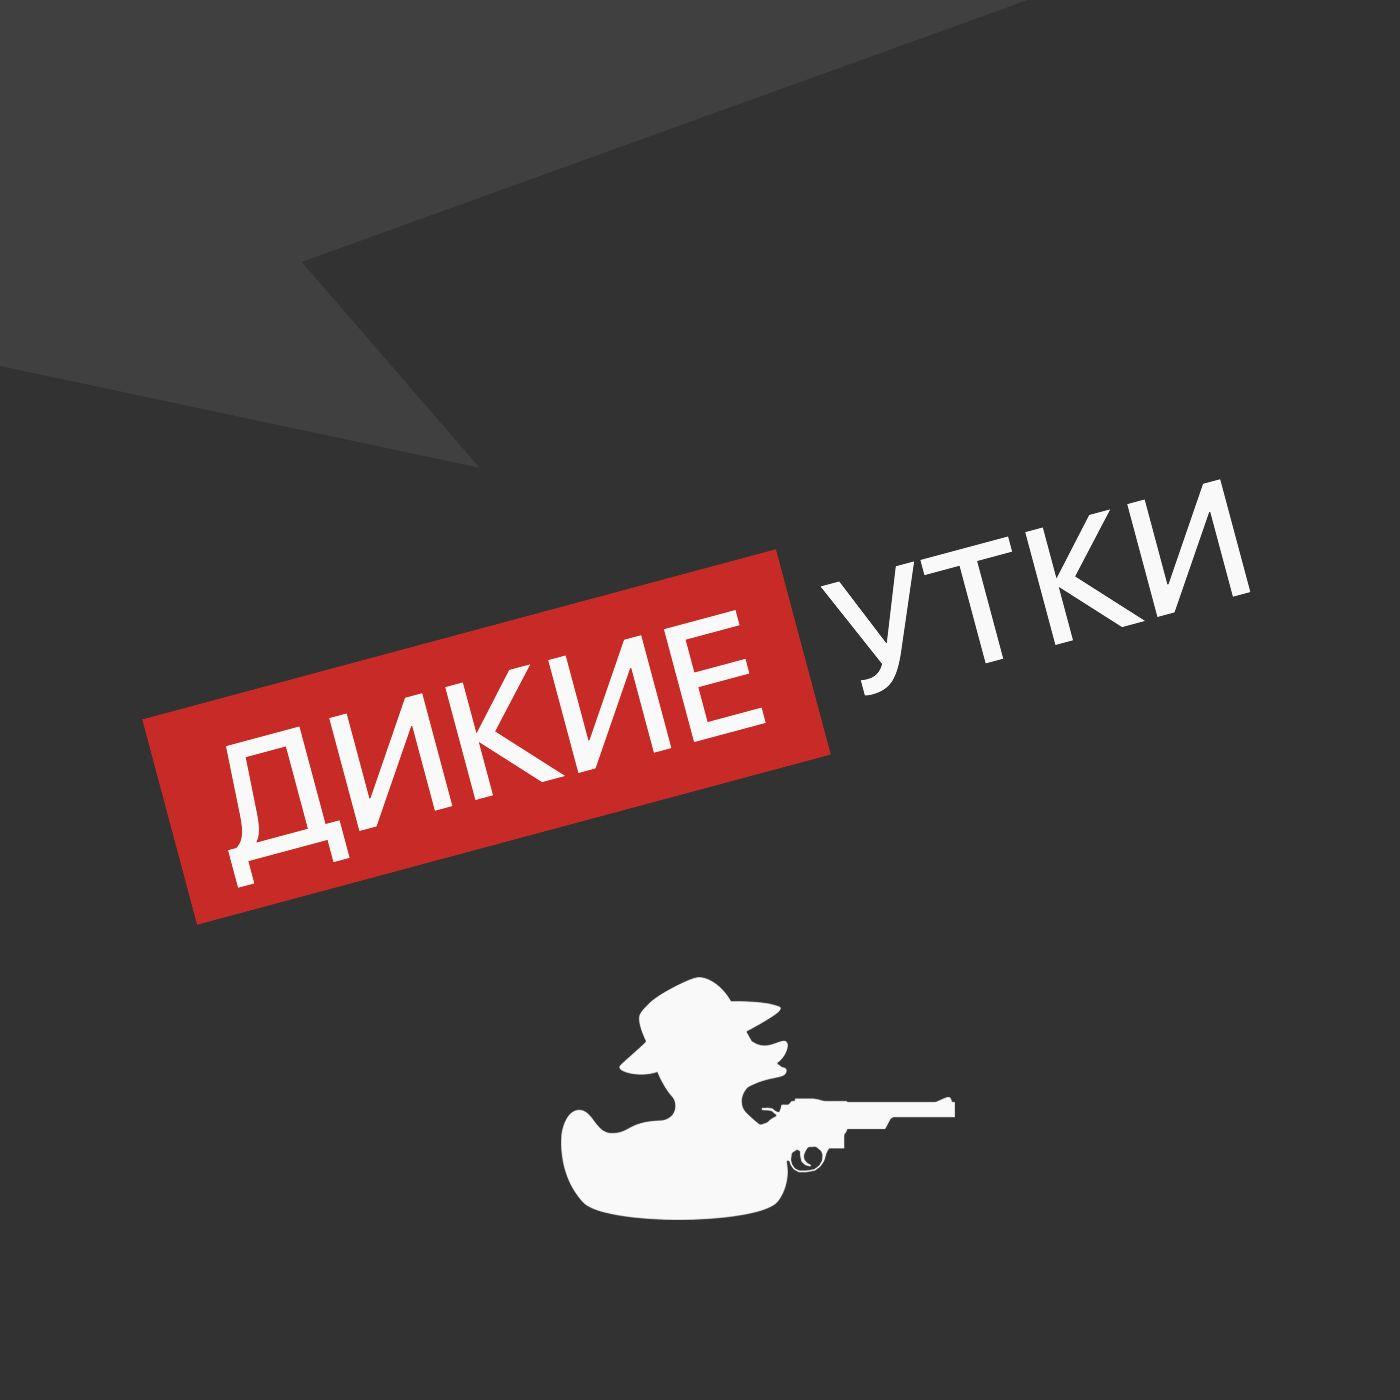 Творческий коллектив Mojomedia Выпуск № 54 творческий коллектив mojomedia владелец квесткомнаты